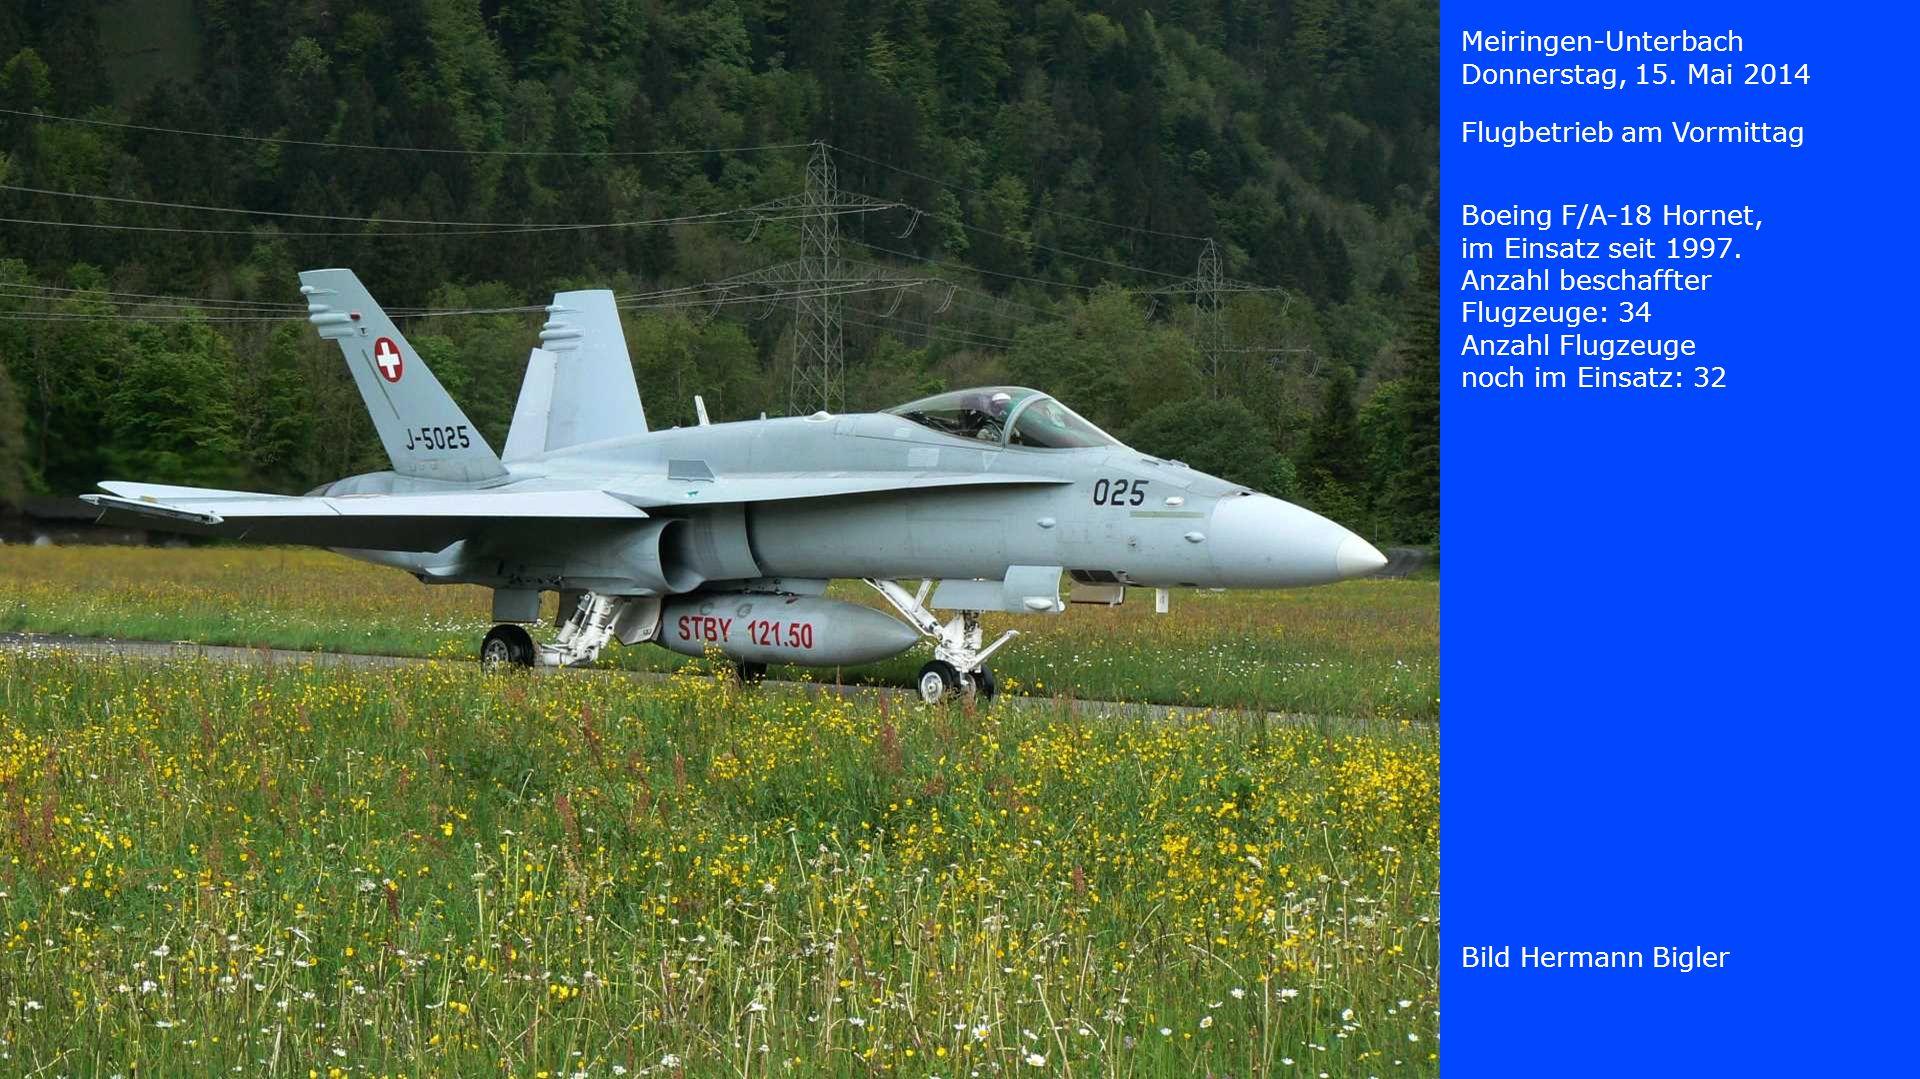 Meiringen-Unterbach Donnerstag, 15. Mai 2014. Flugbetrieb am Vormittag. Boeing F/A-18 Hornet, im Einsatz seit 1997.